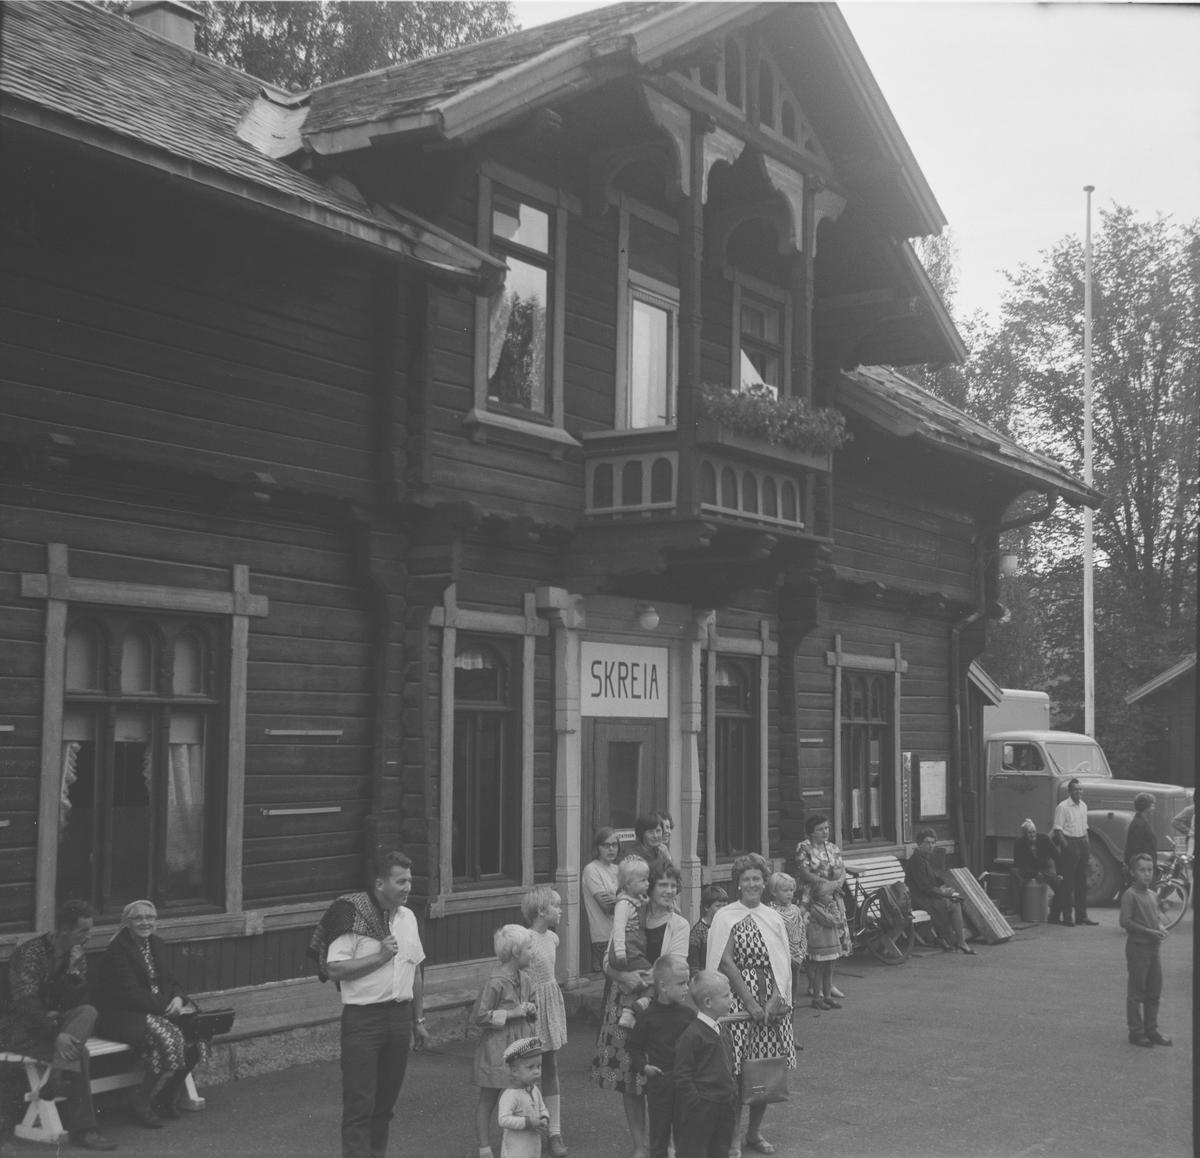 Skreia stasjon. A/L Hølandsbanens veterantog Eina-Skreia har nettopp ankommet.